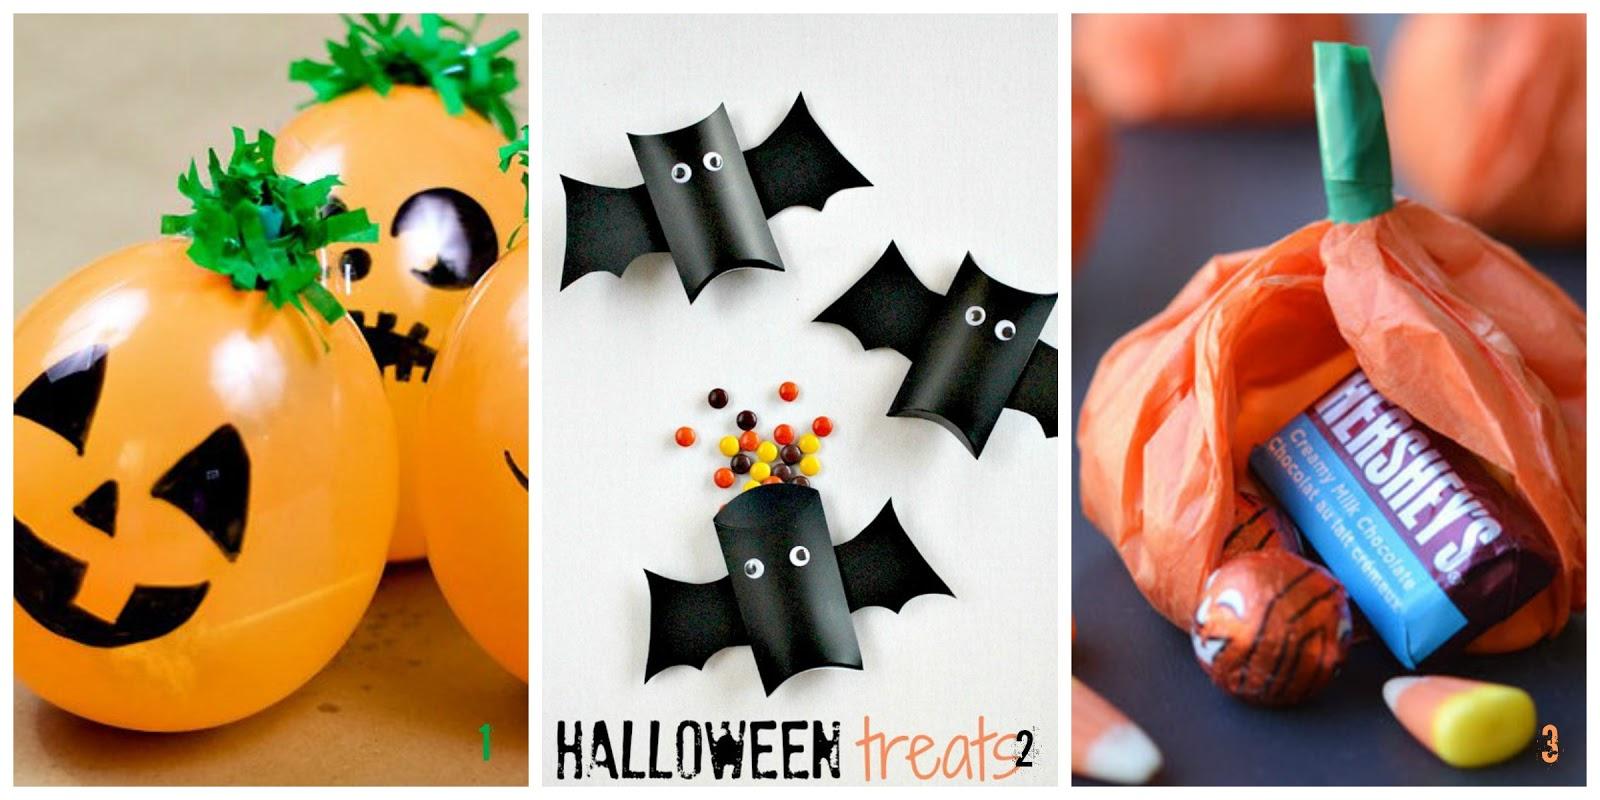 Halloween sacchetti fai da te per i dolcetti - Decorazioni fai da te per halloween ...